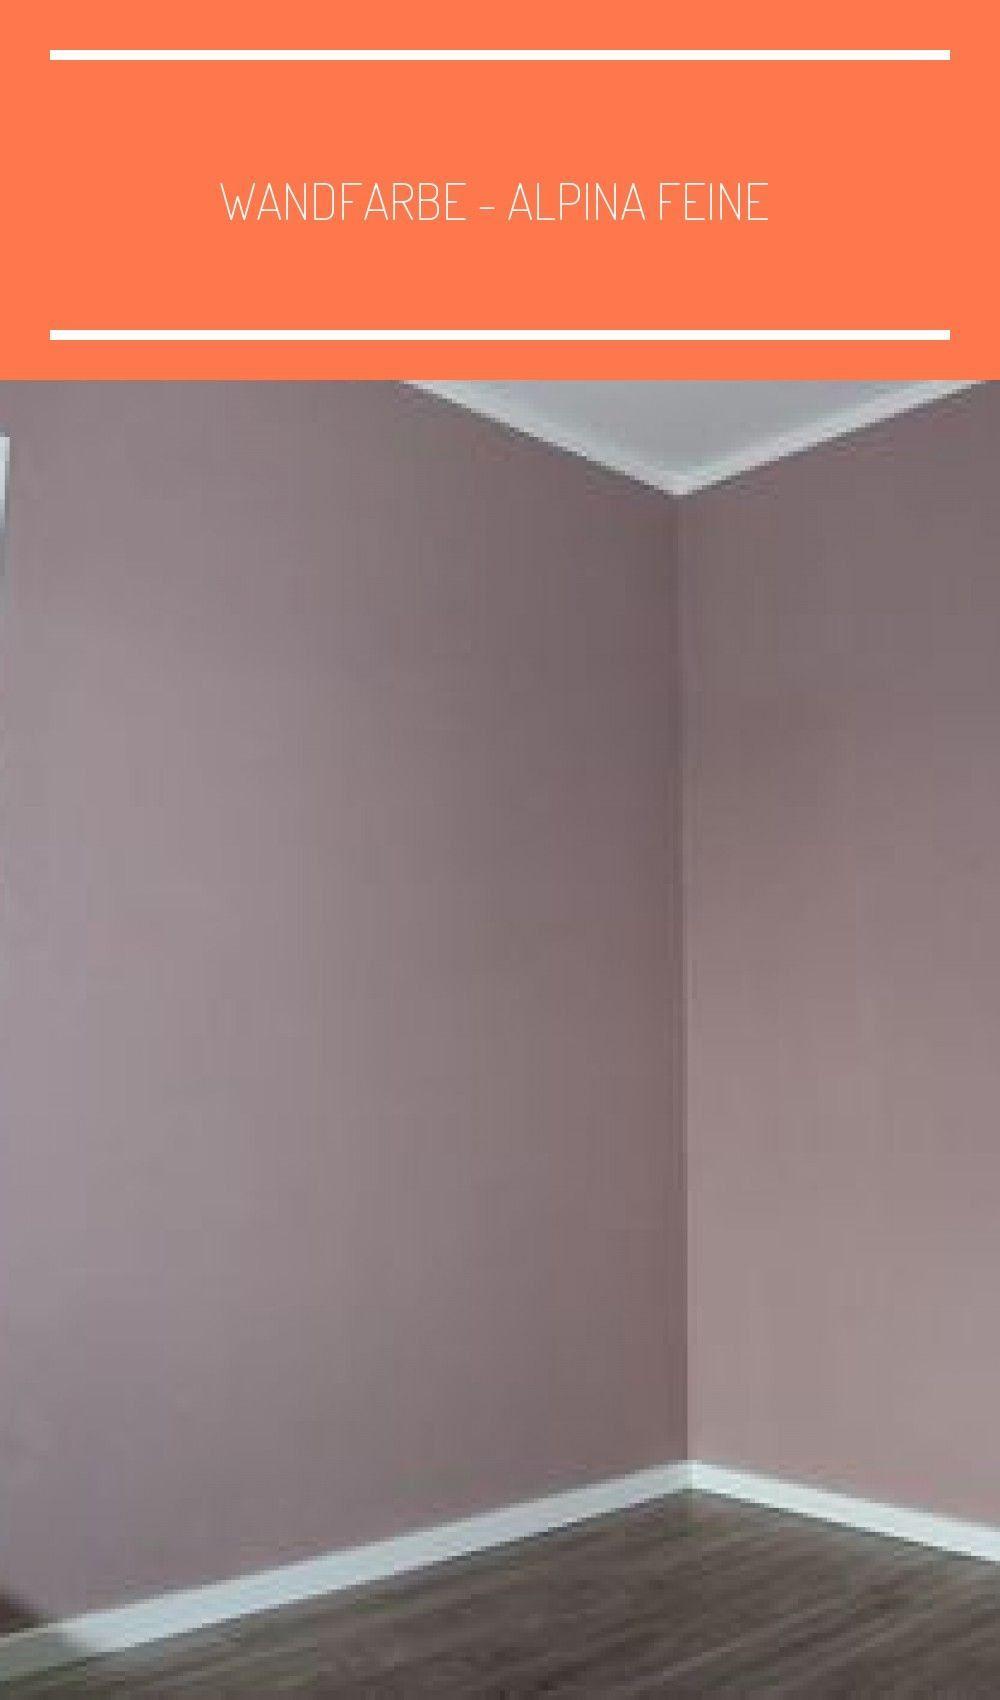 Wandfarbe Alpina Feine Farben Melode Der Anmut Babyzimmer Wandgestaltung Al In 2020 Wandgestaltung Babyzimmer Wandgestaltung Feine Farben